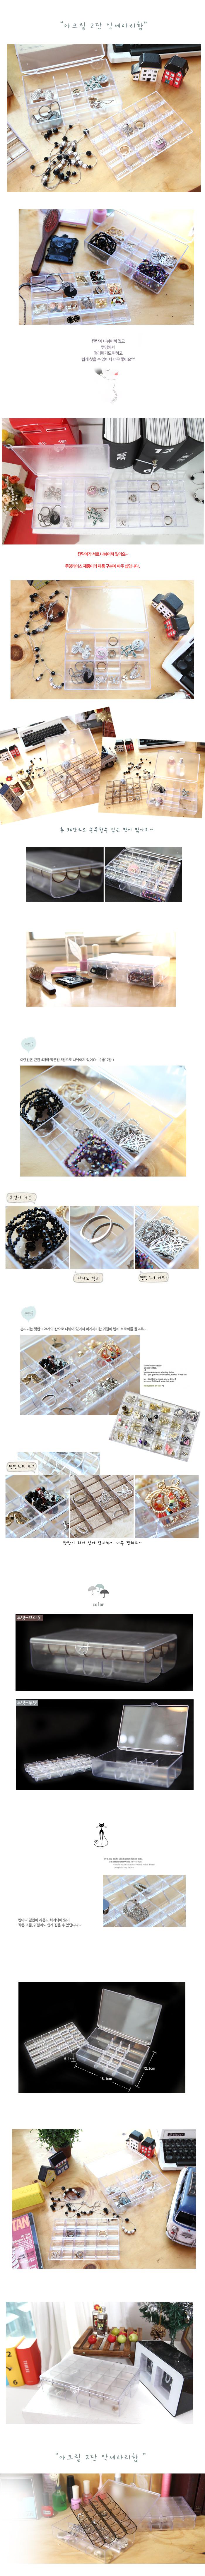 아크릴2단 악세사리함-2color - 미스터고물상, 6,000원, 장식소품, 소품케이스